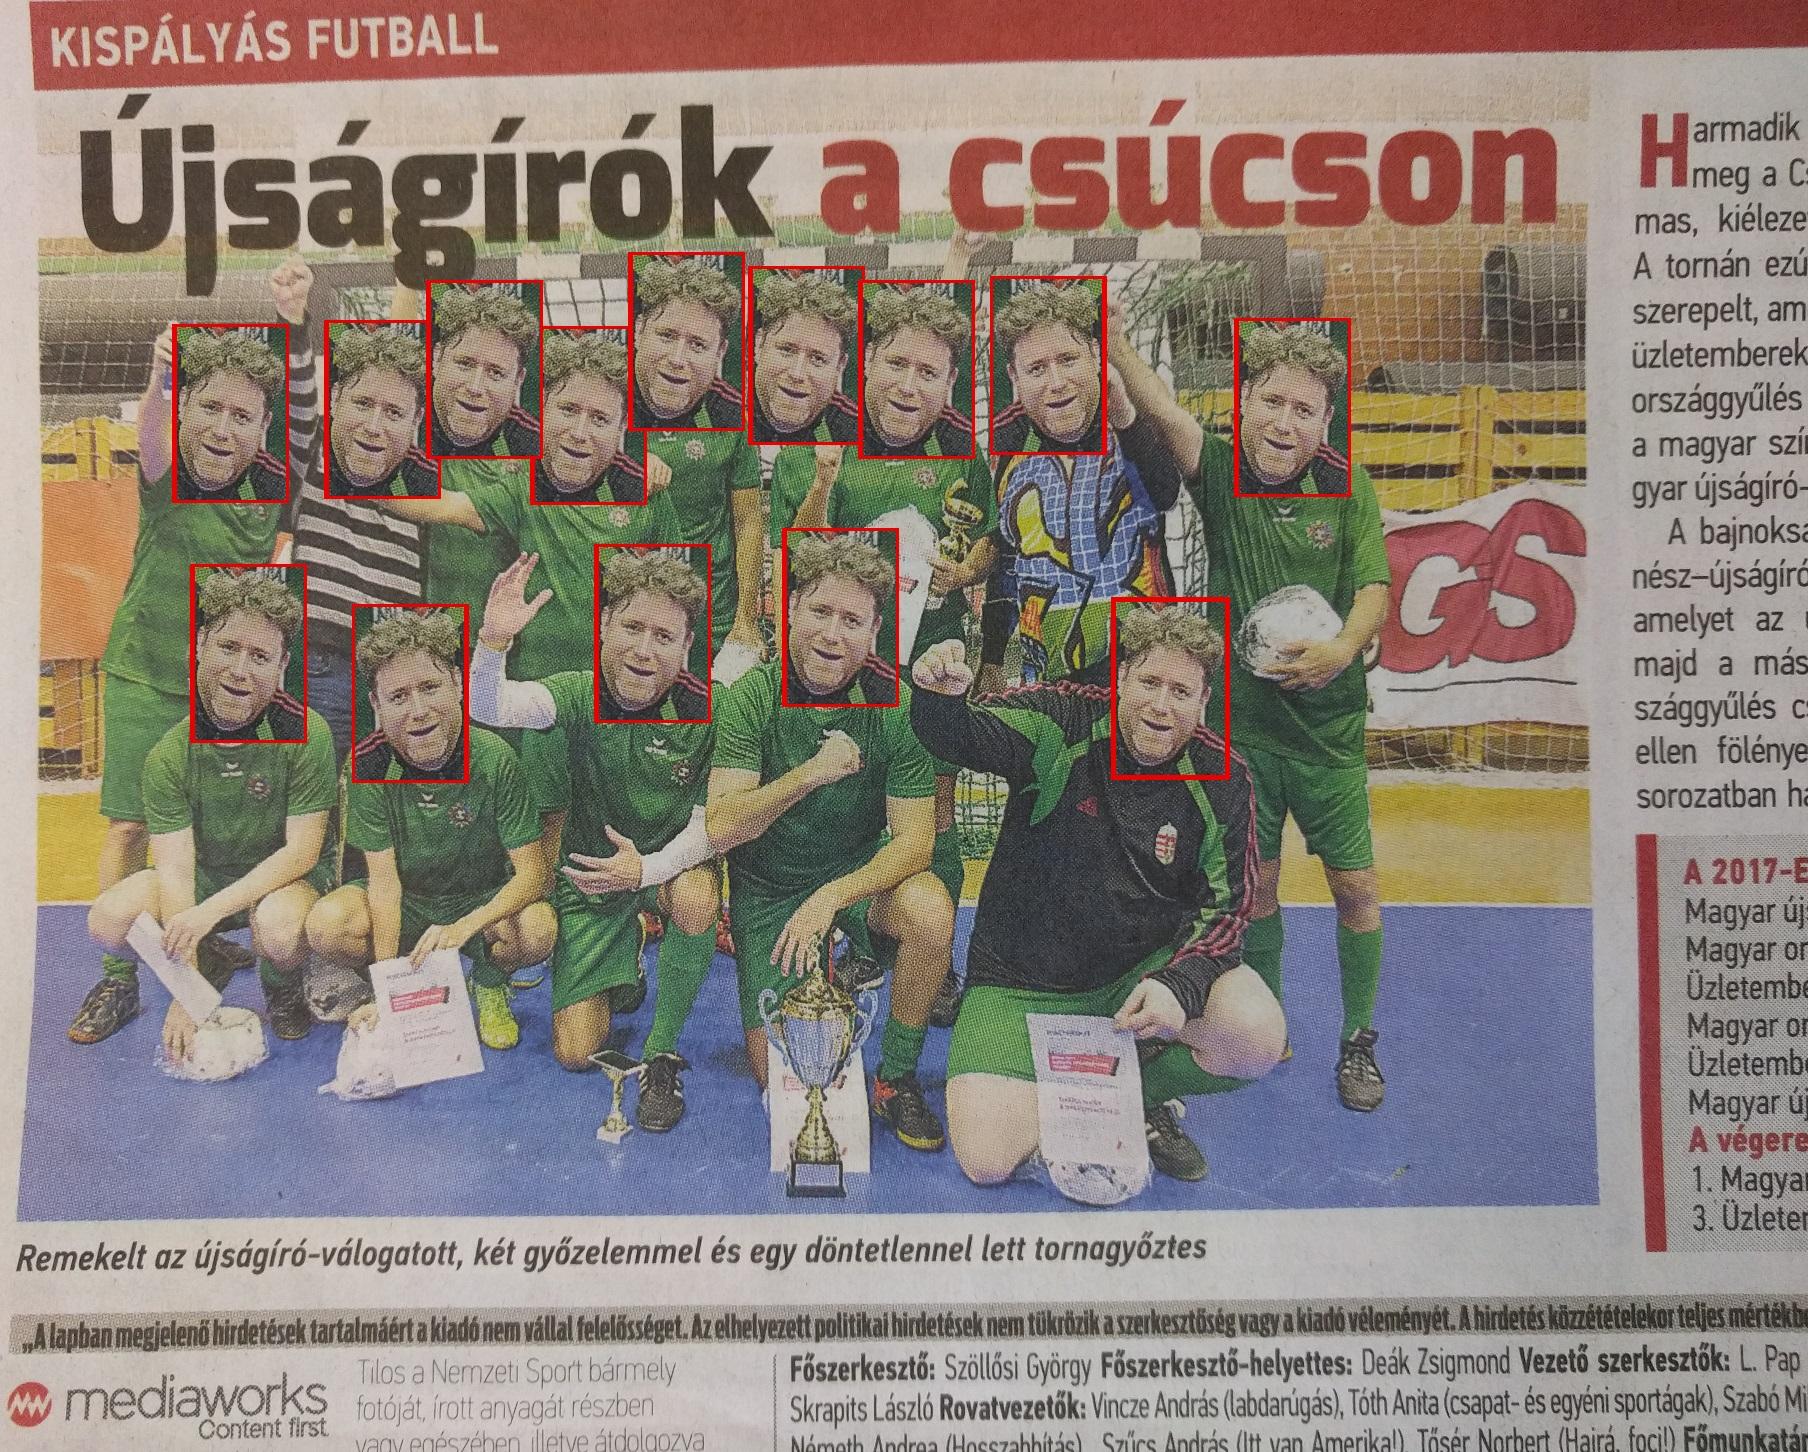 Az ember, aki Mészáros Lőrinctől megkapta az ország legnagyobb sportlapját, idén 30-szor tette bele a fotóját az újságba